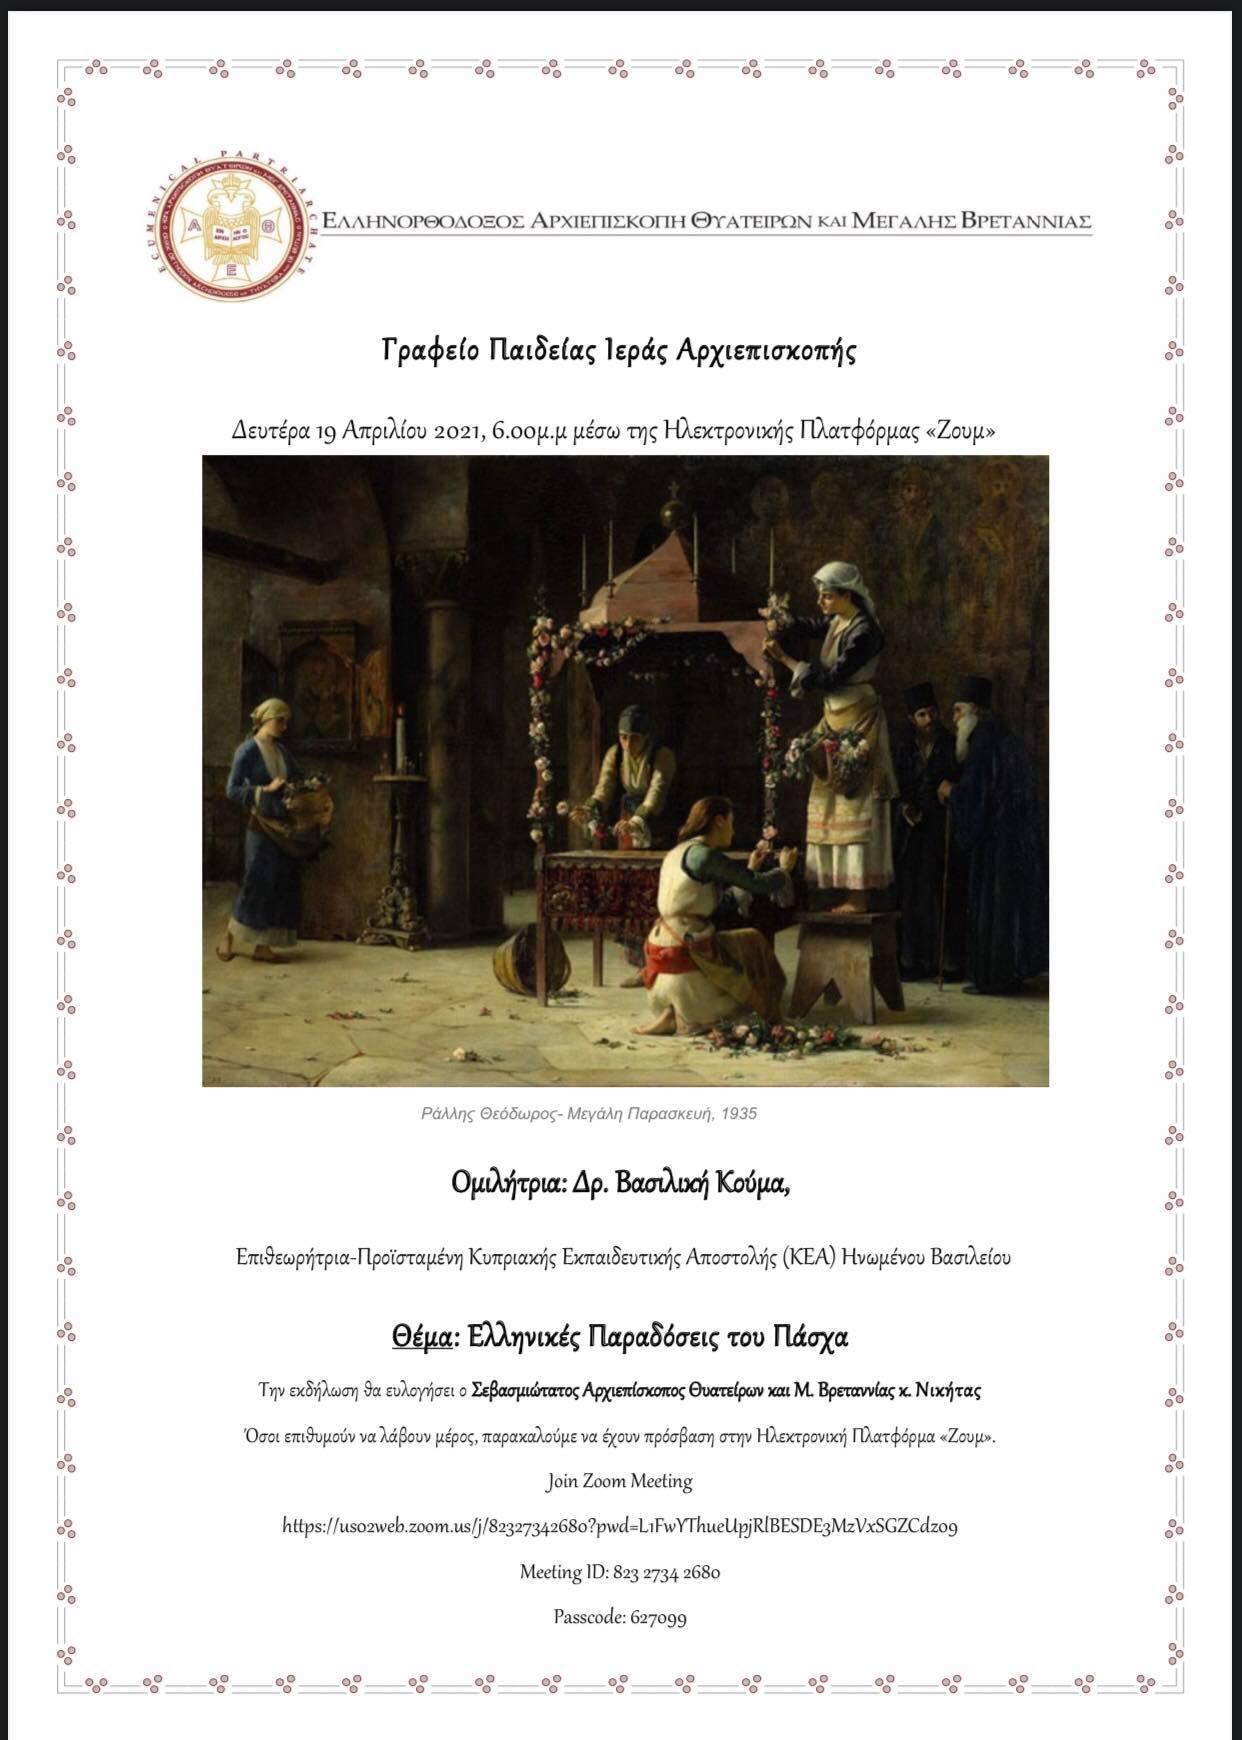 Ελληνικές Παραδόσεις του Πάσχα